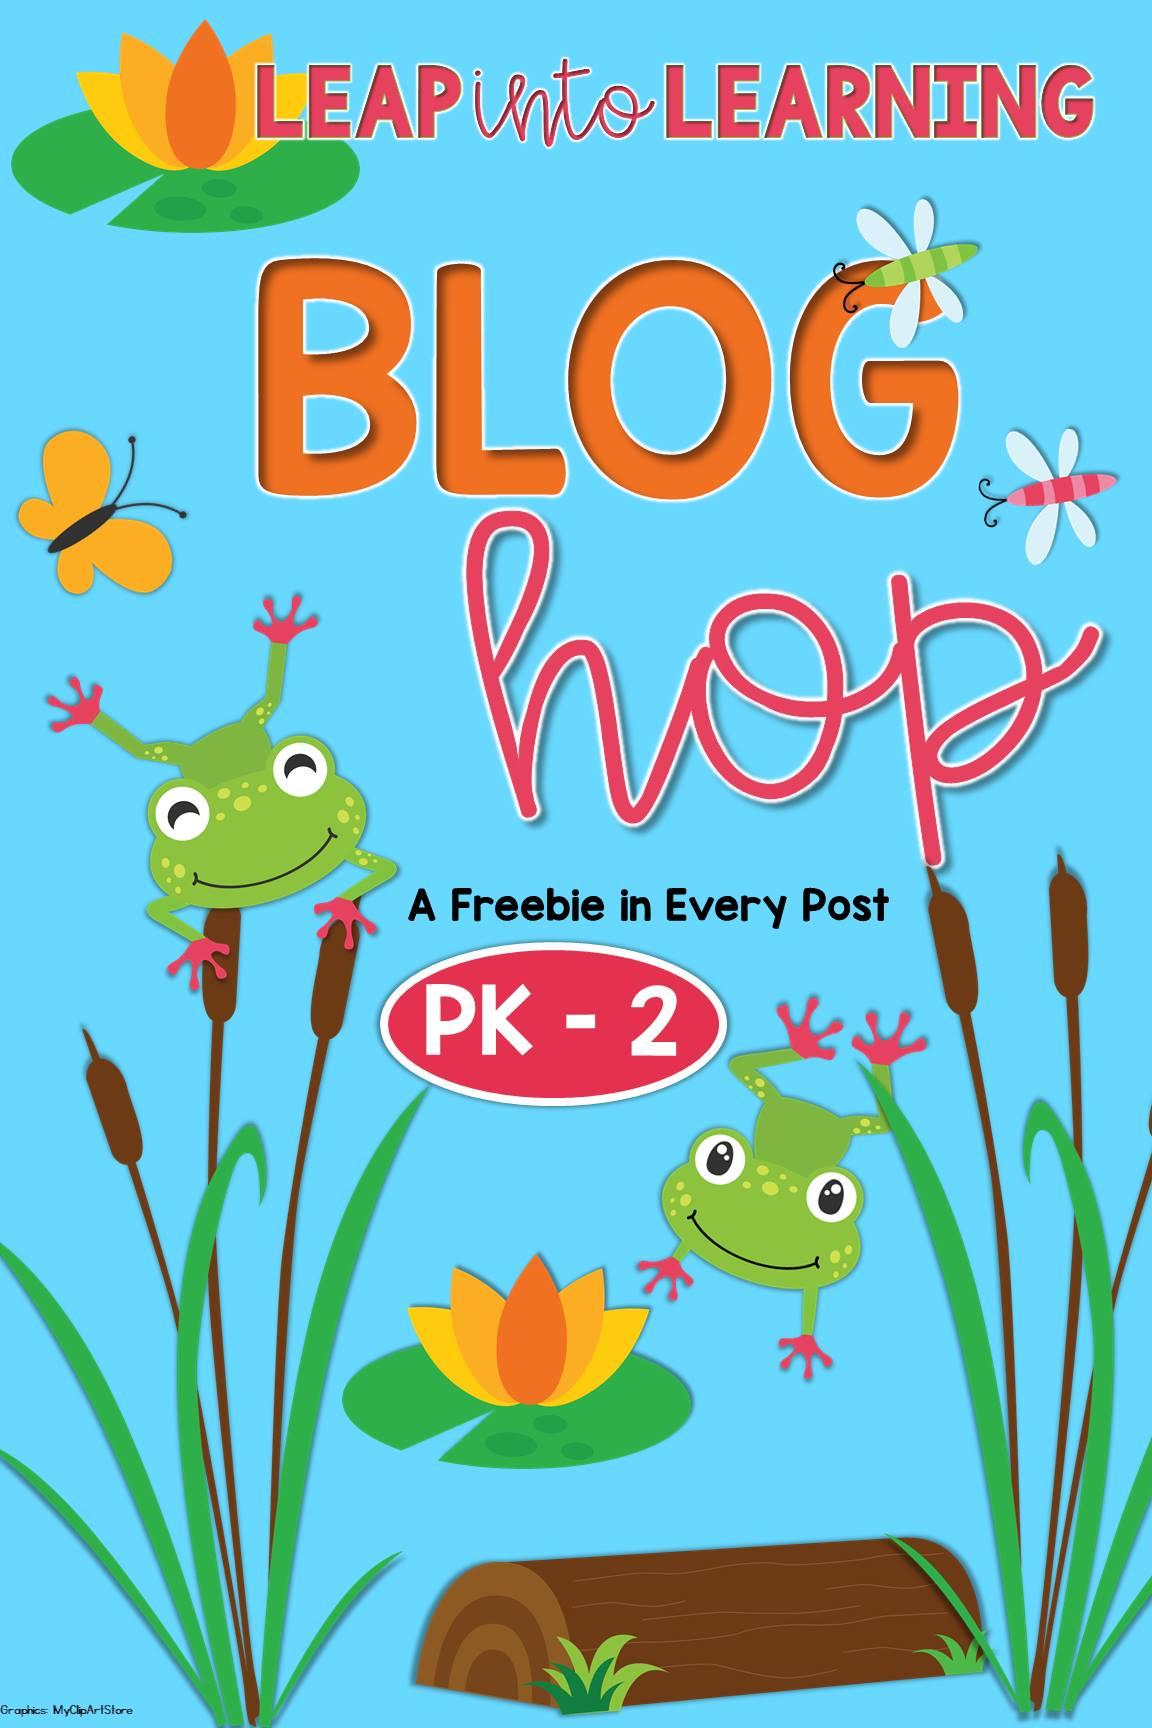 FREEBIES and a Blog Hop